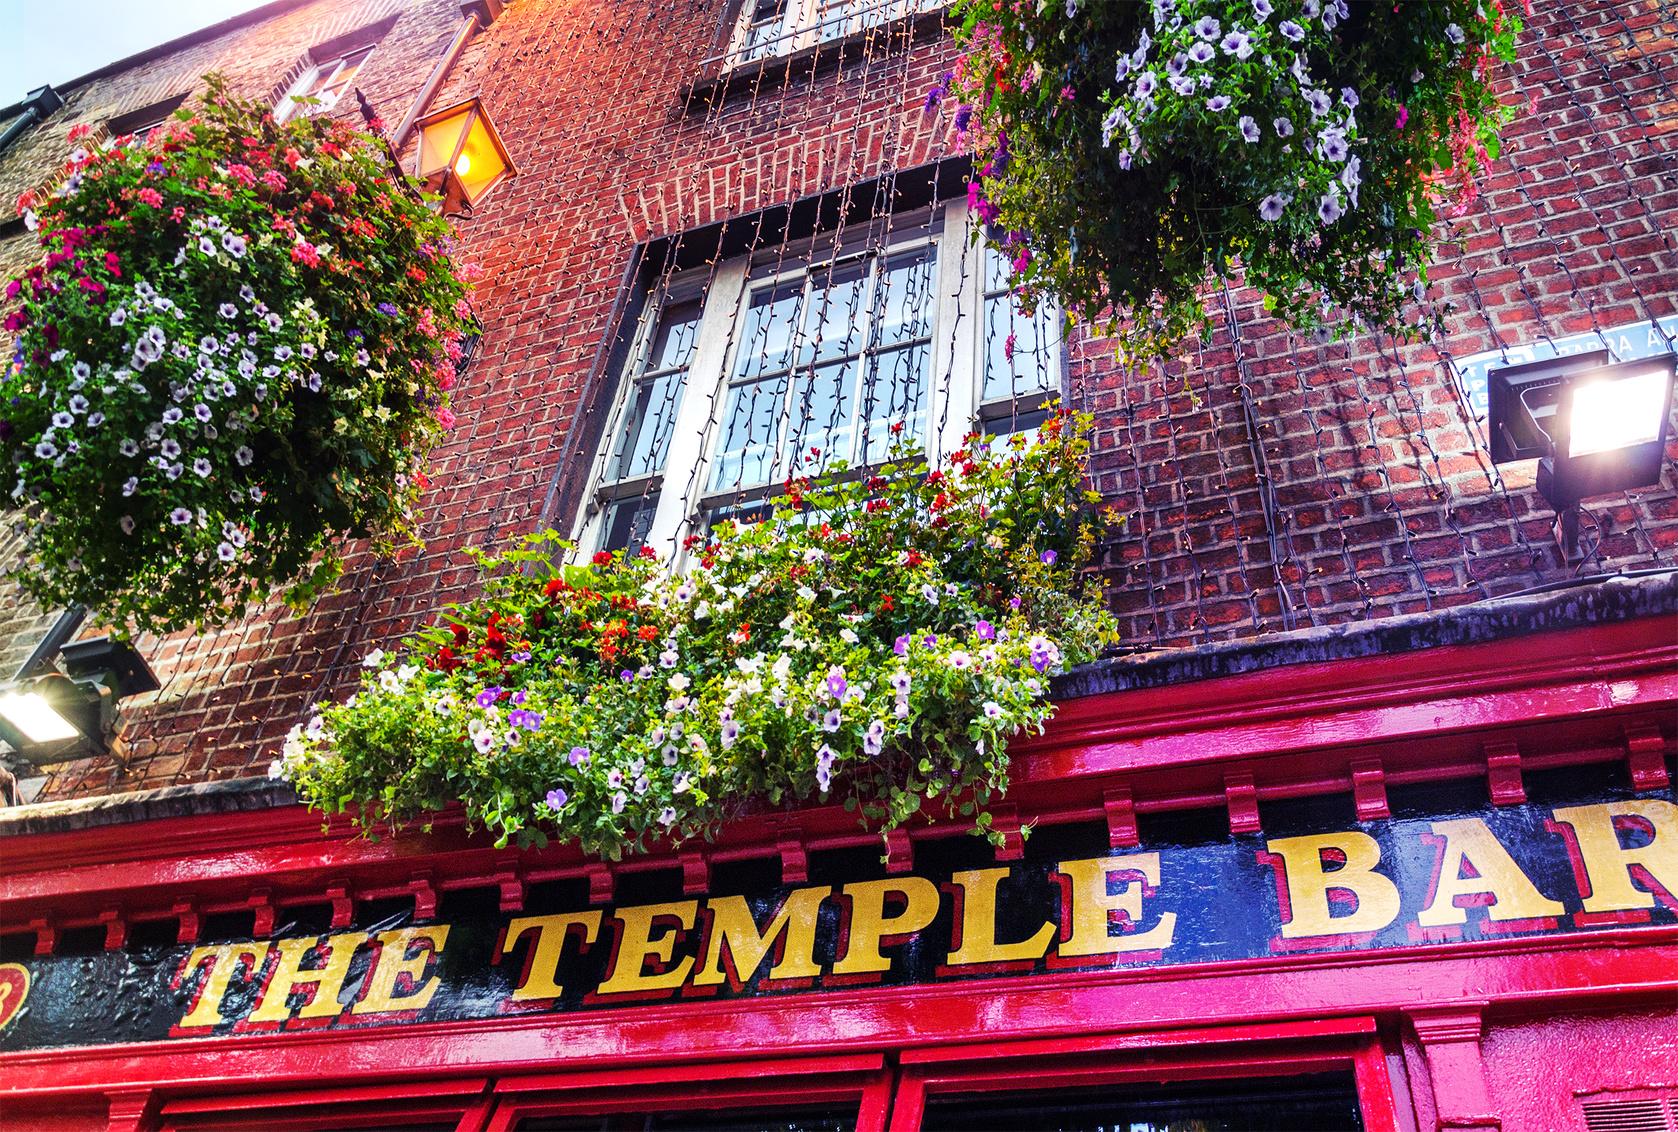 Visiter Dublin et le celebre Temple Bar